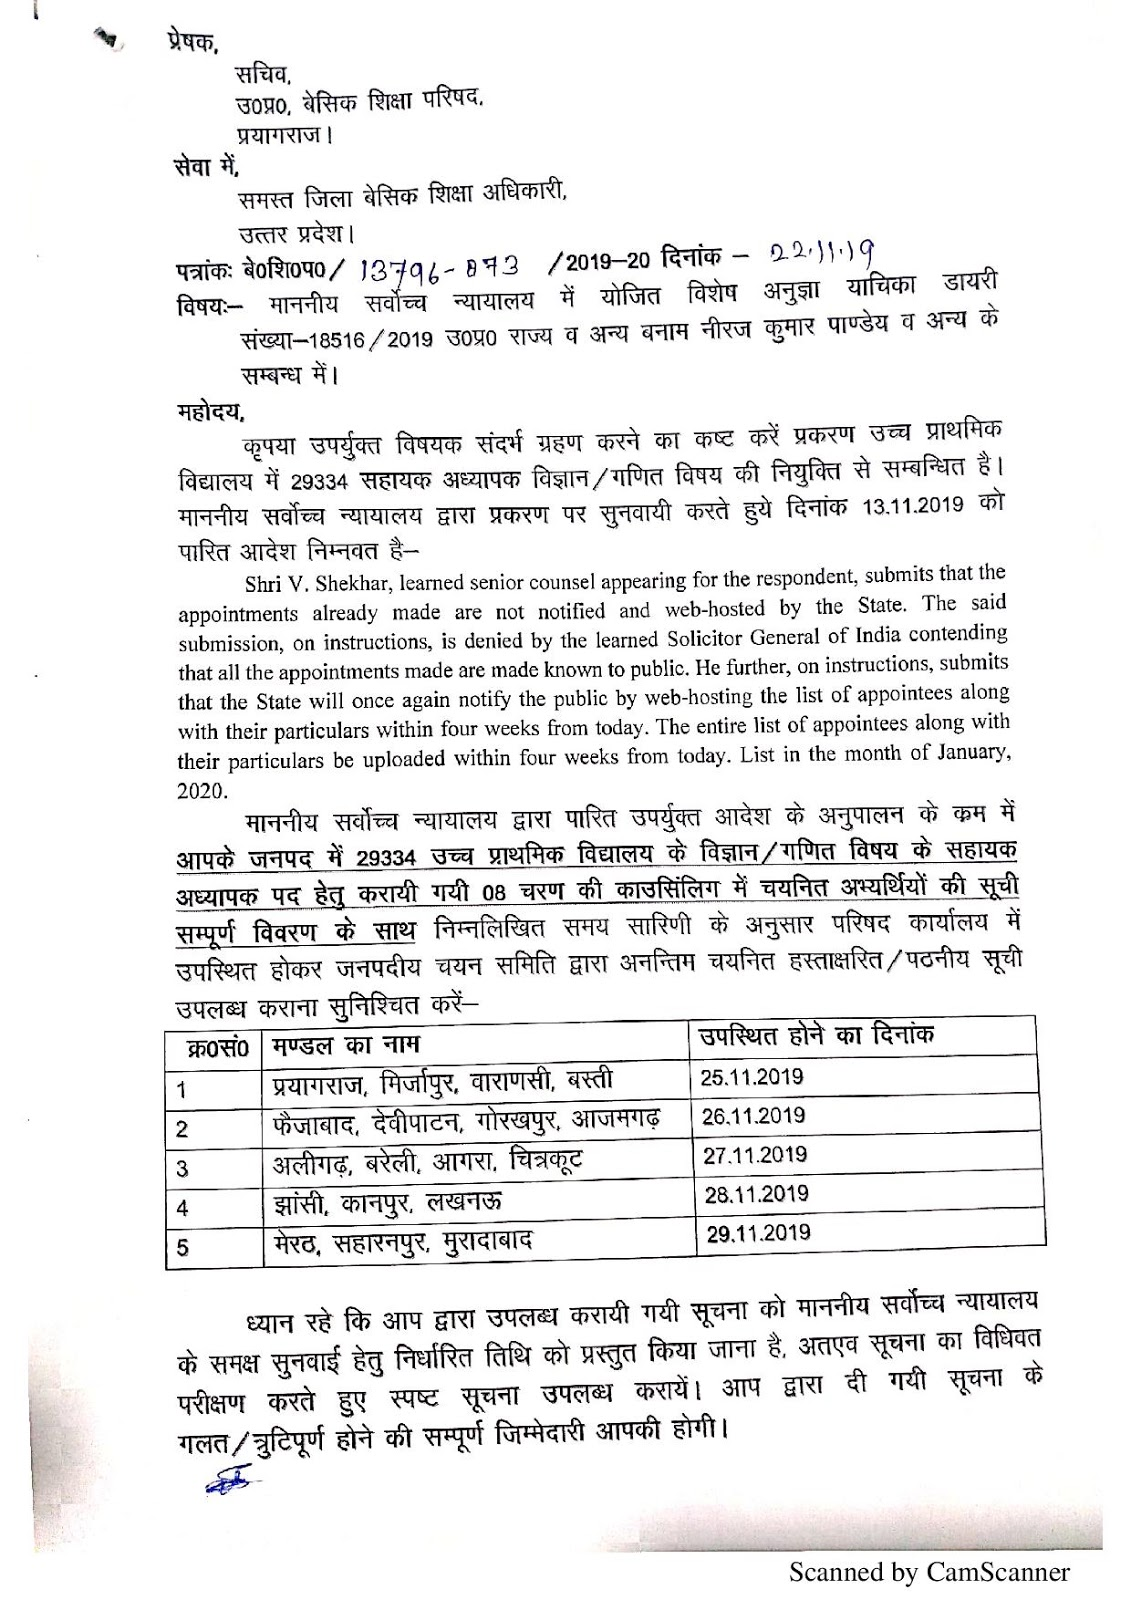 SC के आदेश के अनुपापन में 29334 गणित / विज्ञान भर्ती के 8 चरणों की काउंसिलिंग में चयनित अभ्यर्थियों की सूची उपलब्ध कराने के सम्बन्ध में